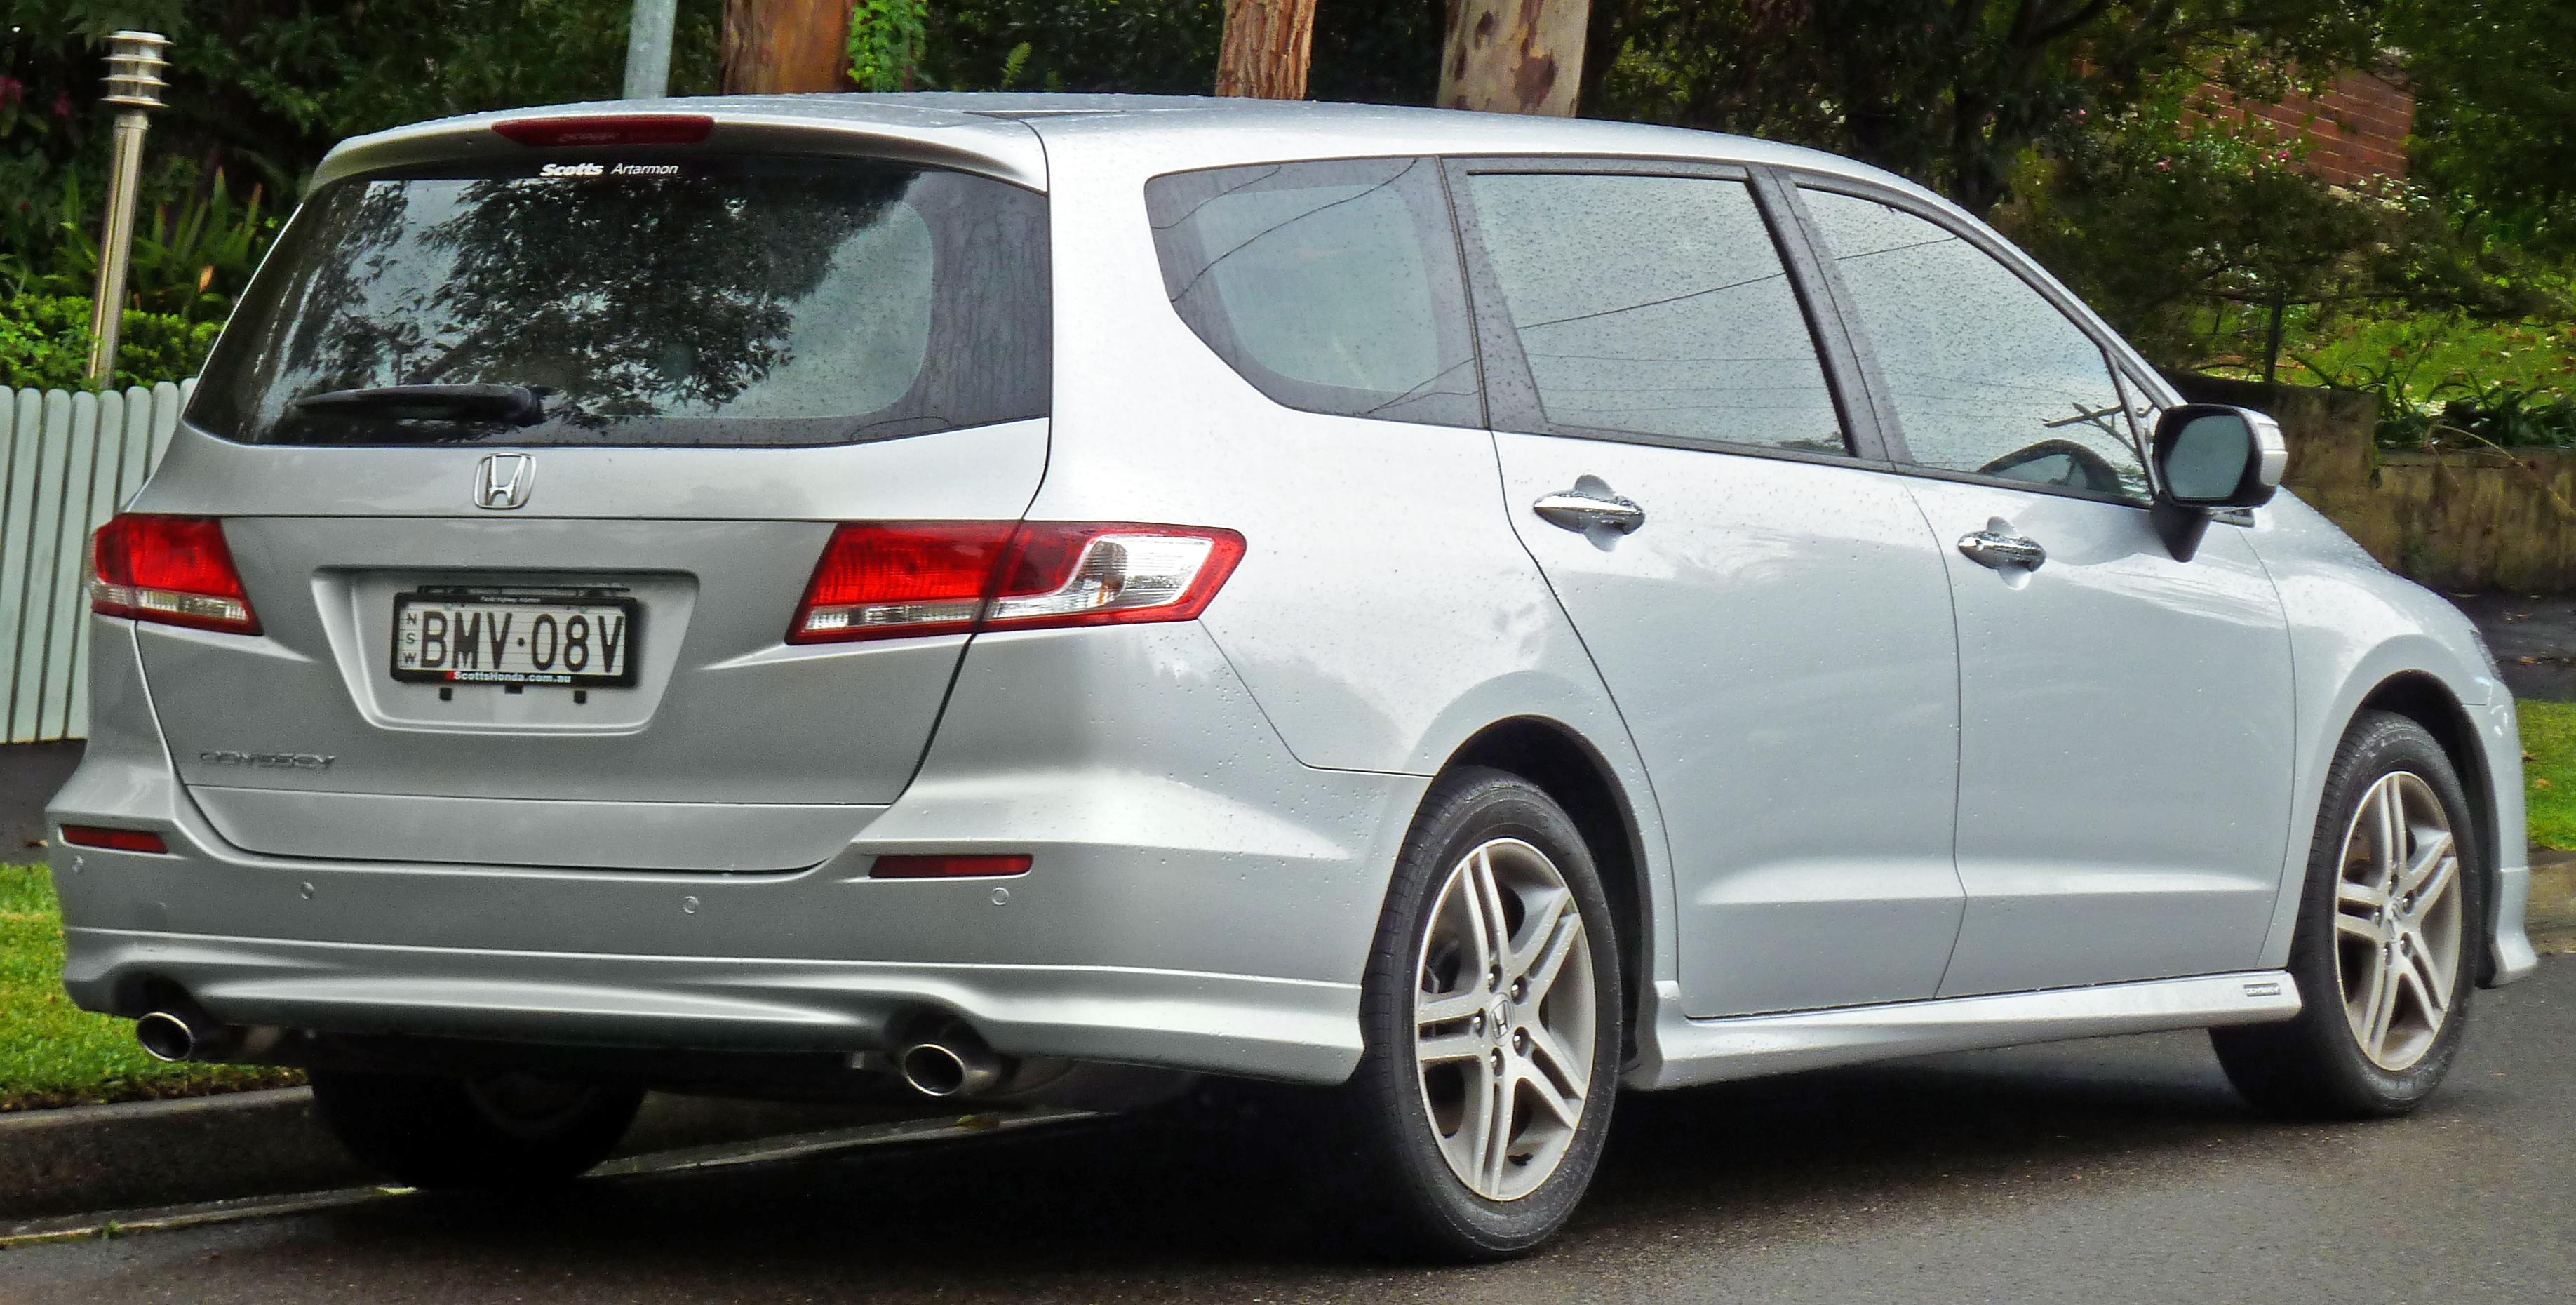 2009 Honda Odyssey Image 1